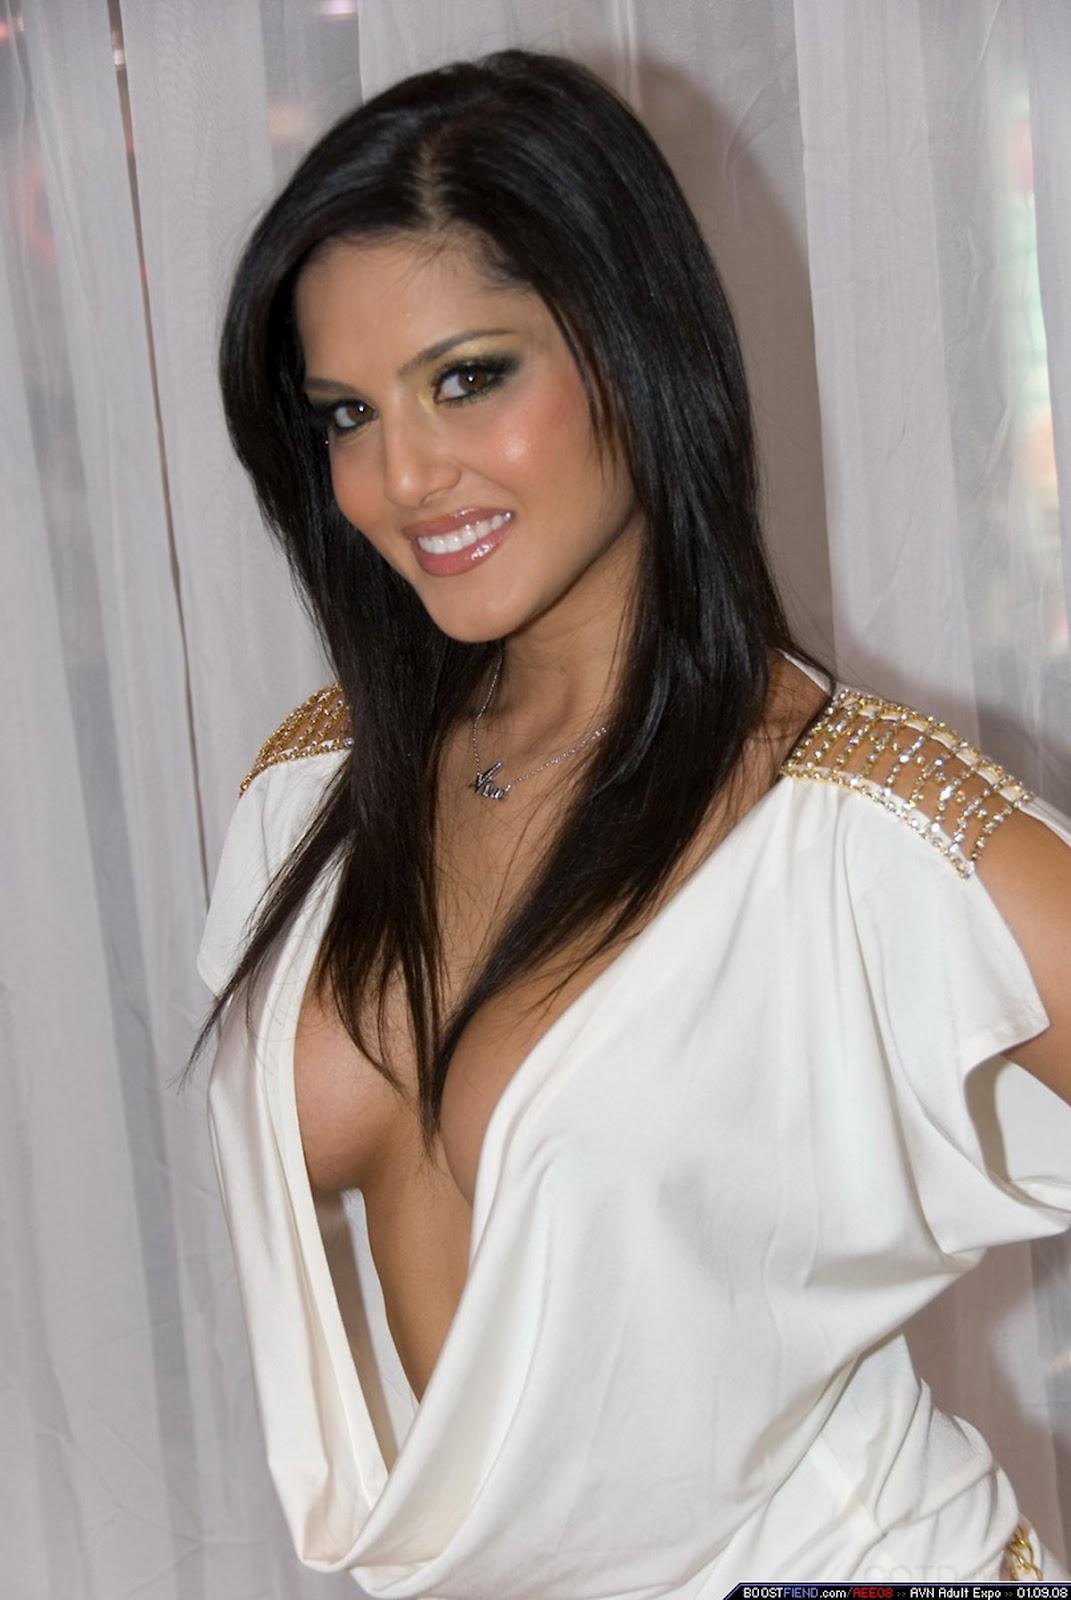 http://4.bp.blogspot.com/-7LXPHQamkQM/T_WoT6aayAI/AAAAAAAAEbQ/YZjpEzRyj3s/s1600/Sunny-Leone-hot-cleavage-boobs10.JPG